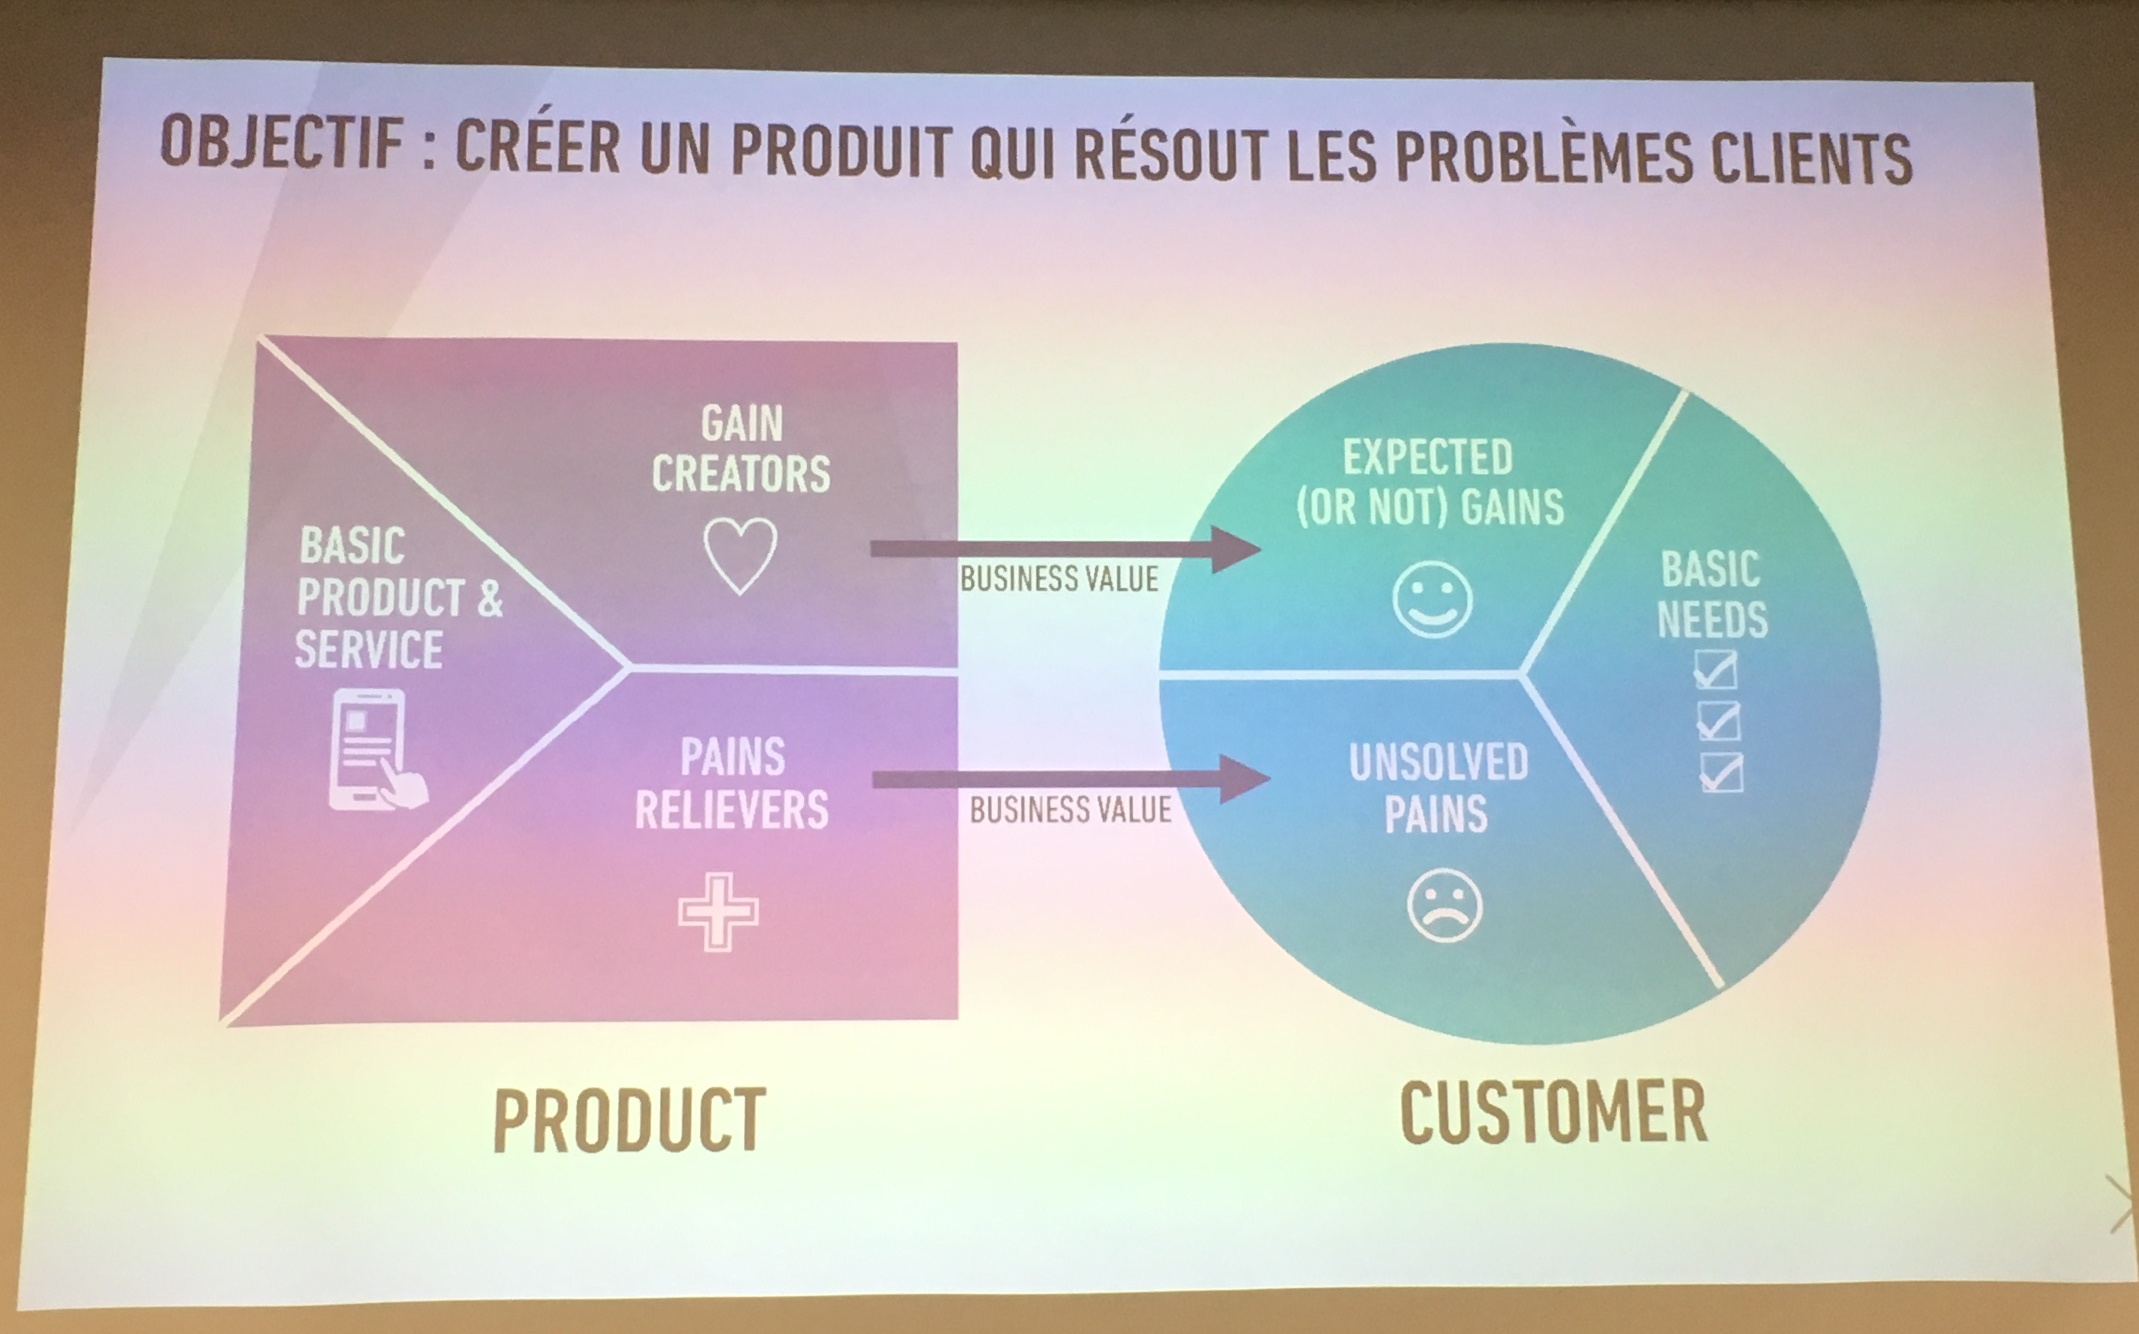 Objéctif : créer un produit qui résout les problèmes clients